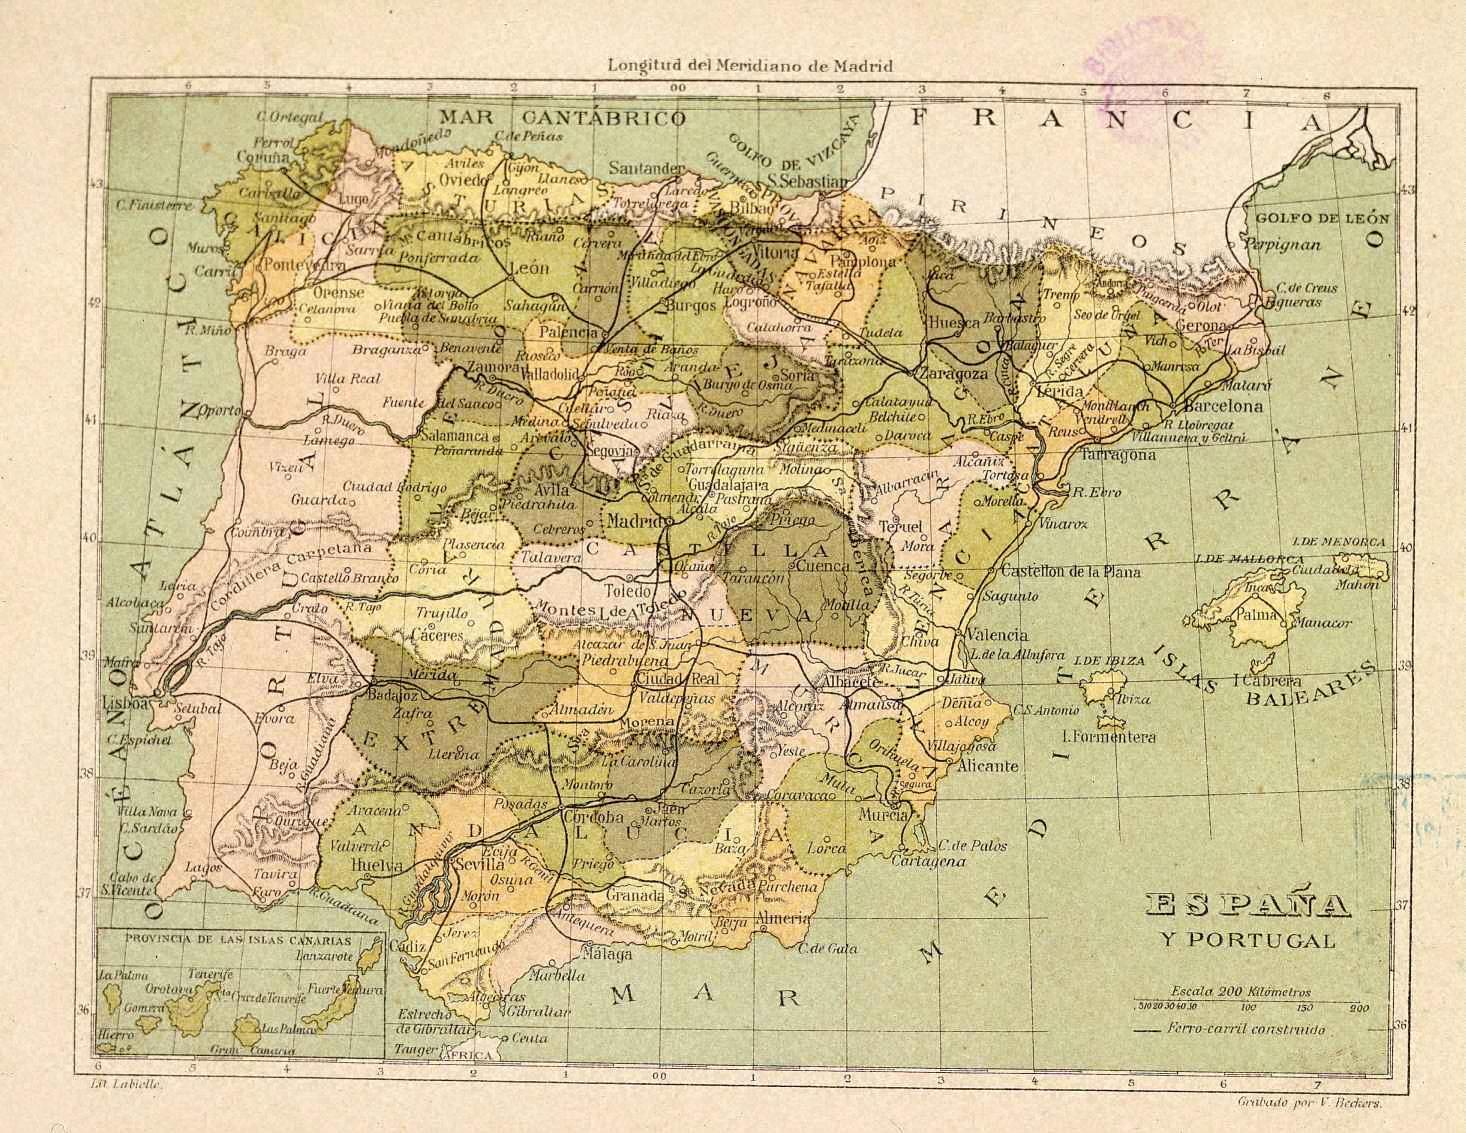 Mapa Talavera Dela Reina.Municipalismo Y Talavera De La Reina Asociacion Sos Talavera Y Comarca